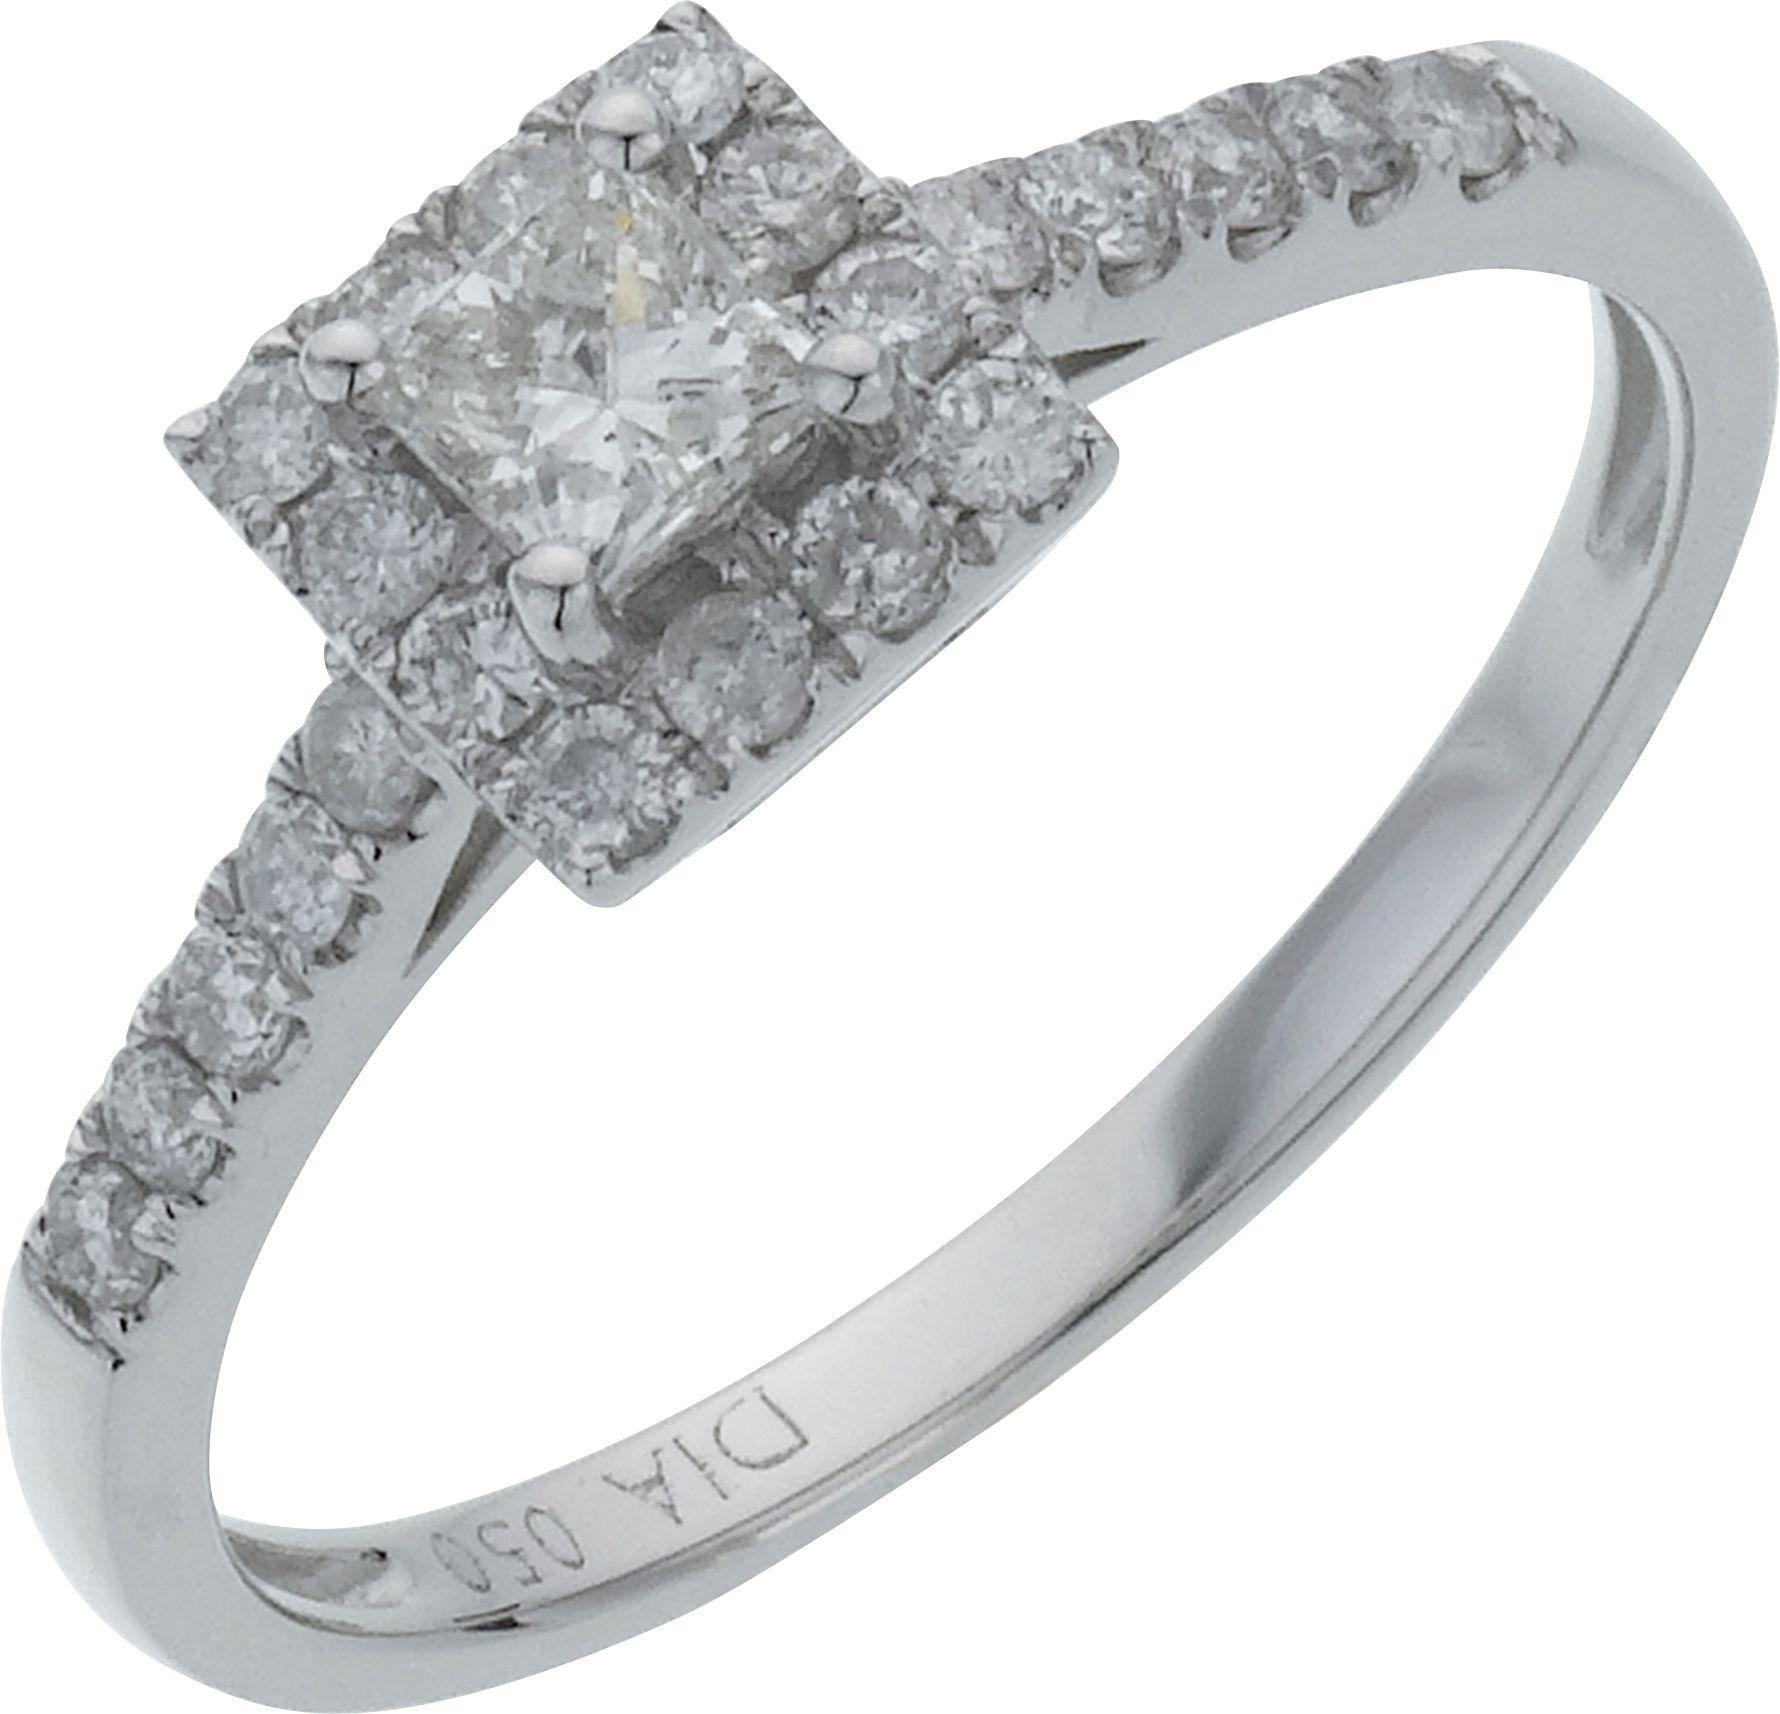 18 Carat White Gold 05 Carat Square Diamond - Halo Ring